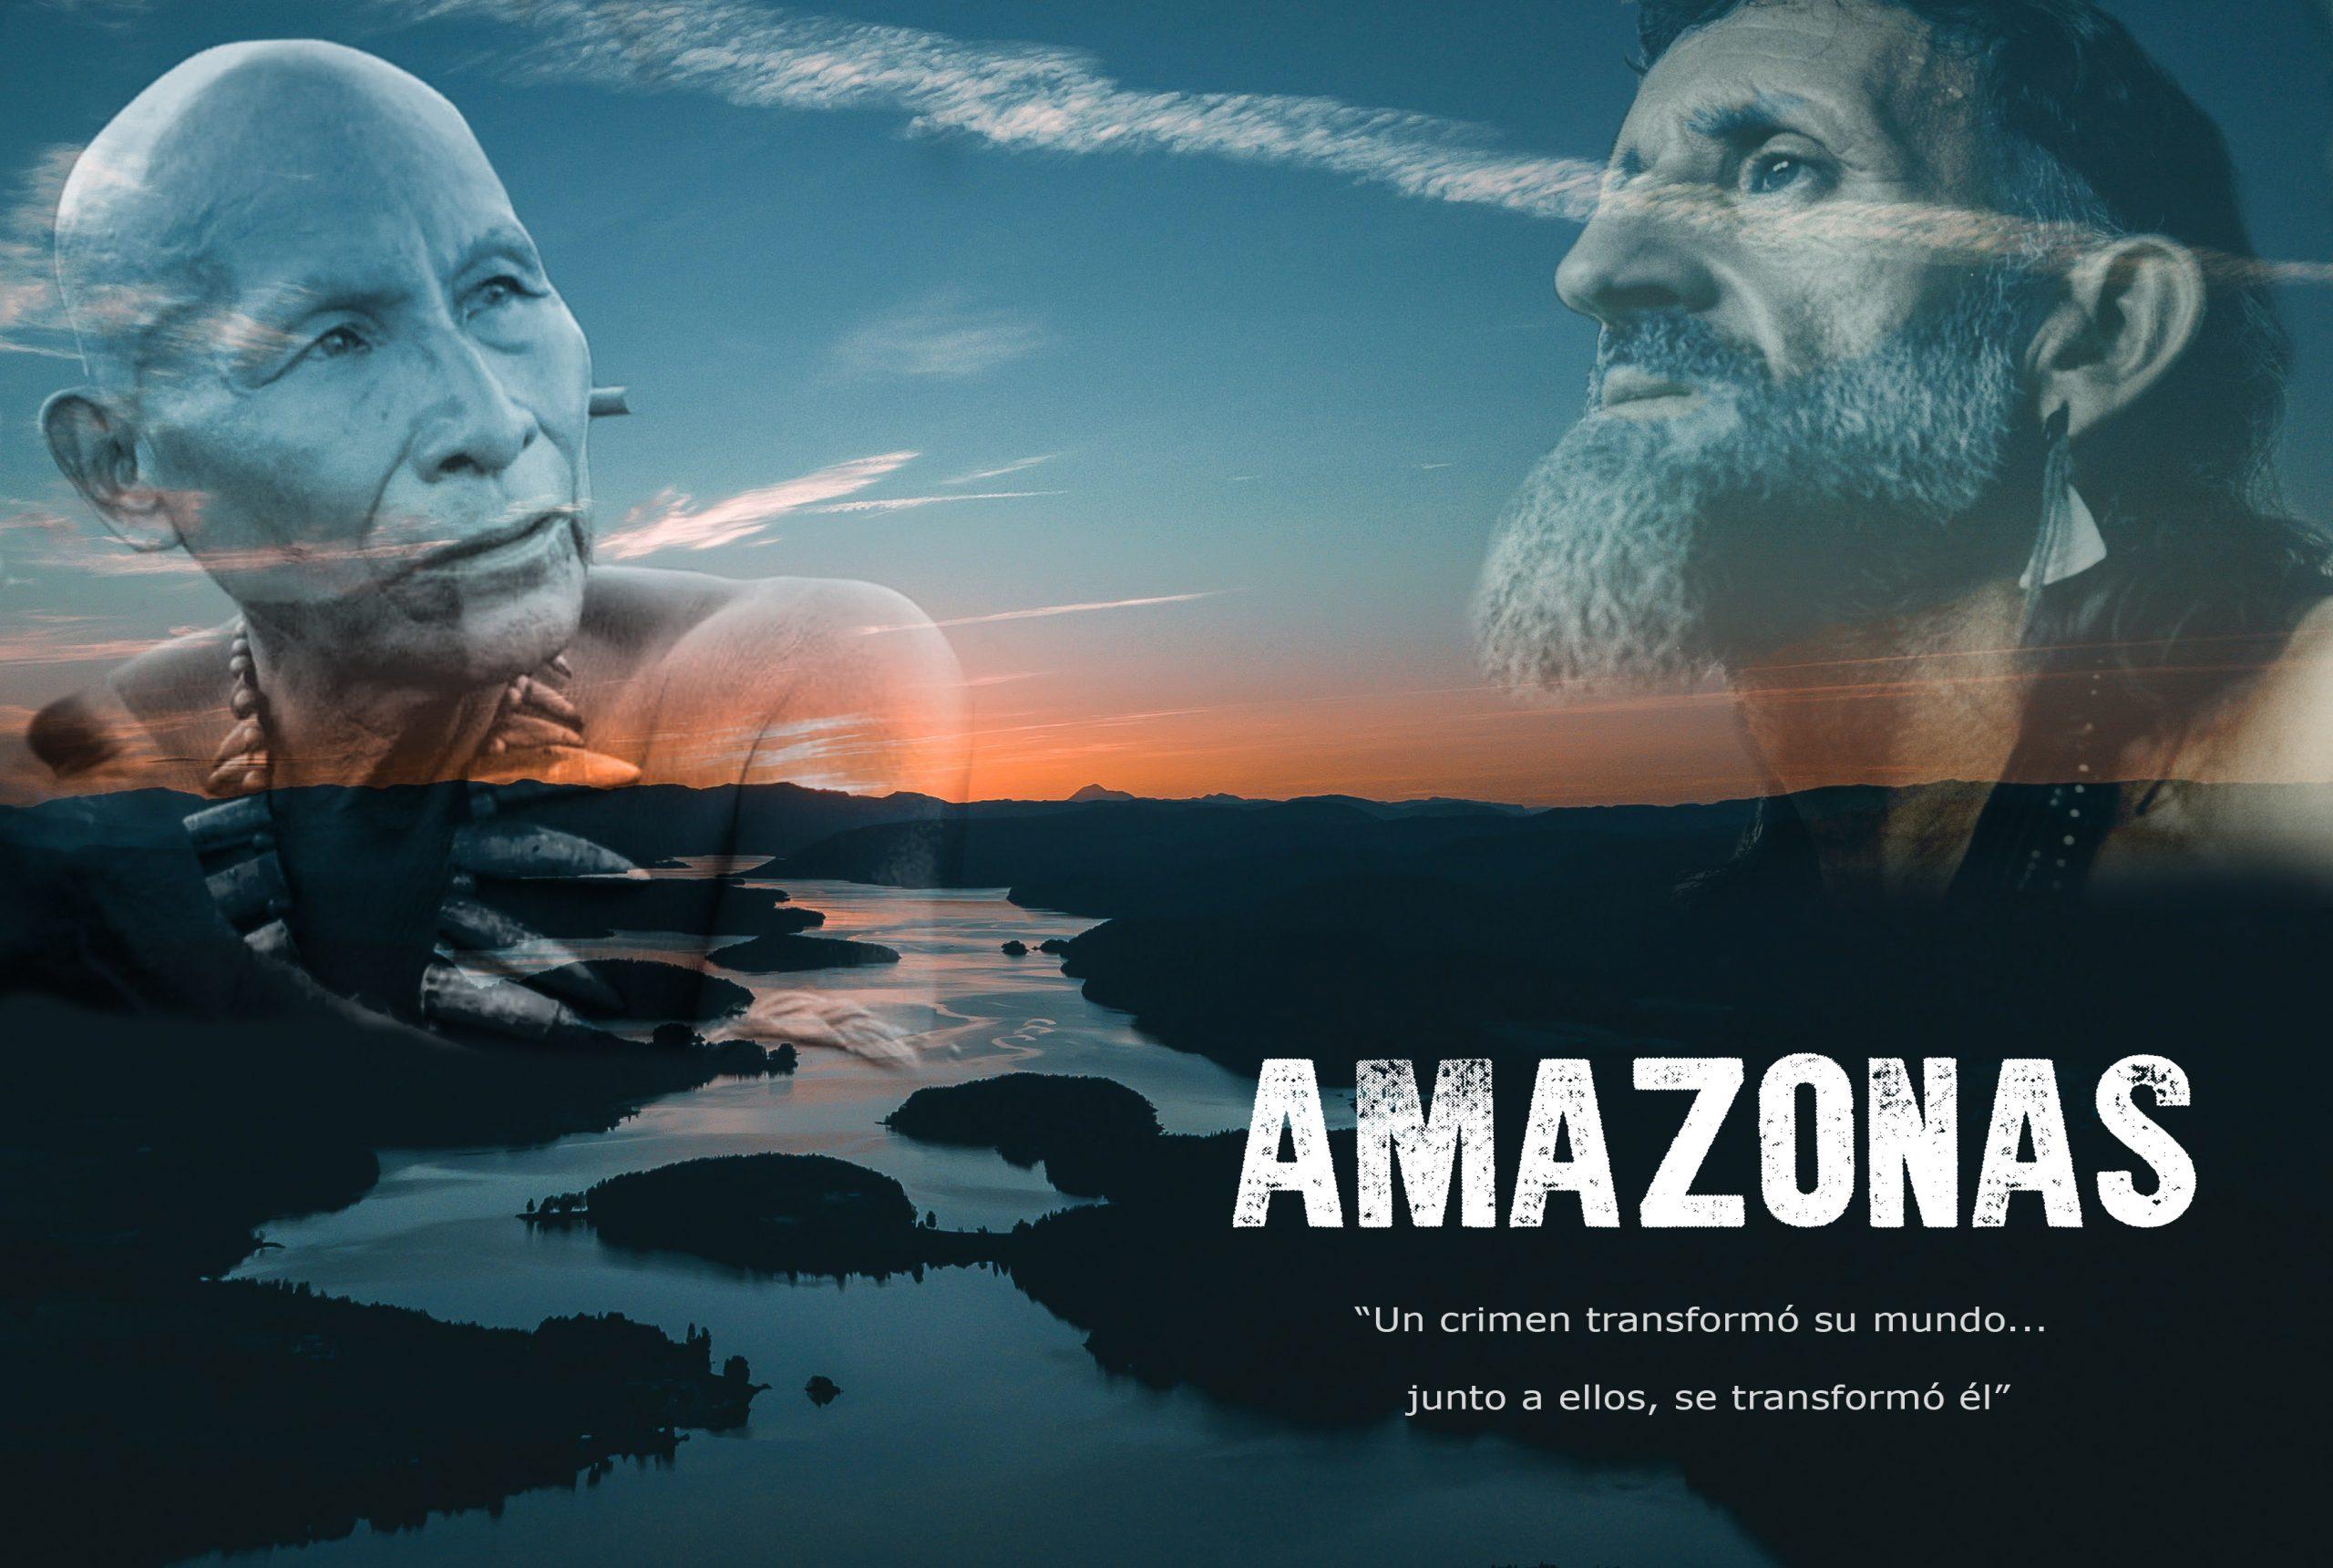 https://www.barakhalab.com/wp-content/uploads/2020/08/Amazonas-recortada-scaled.jpg